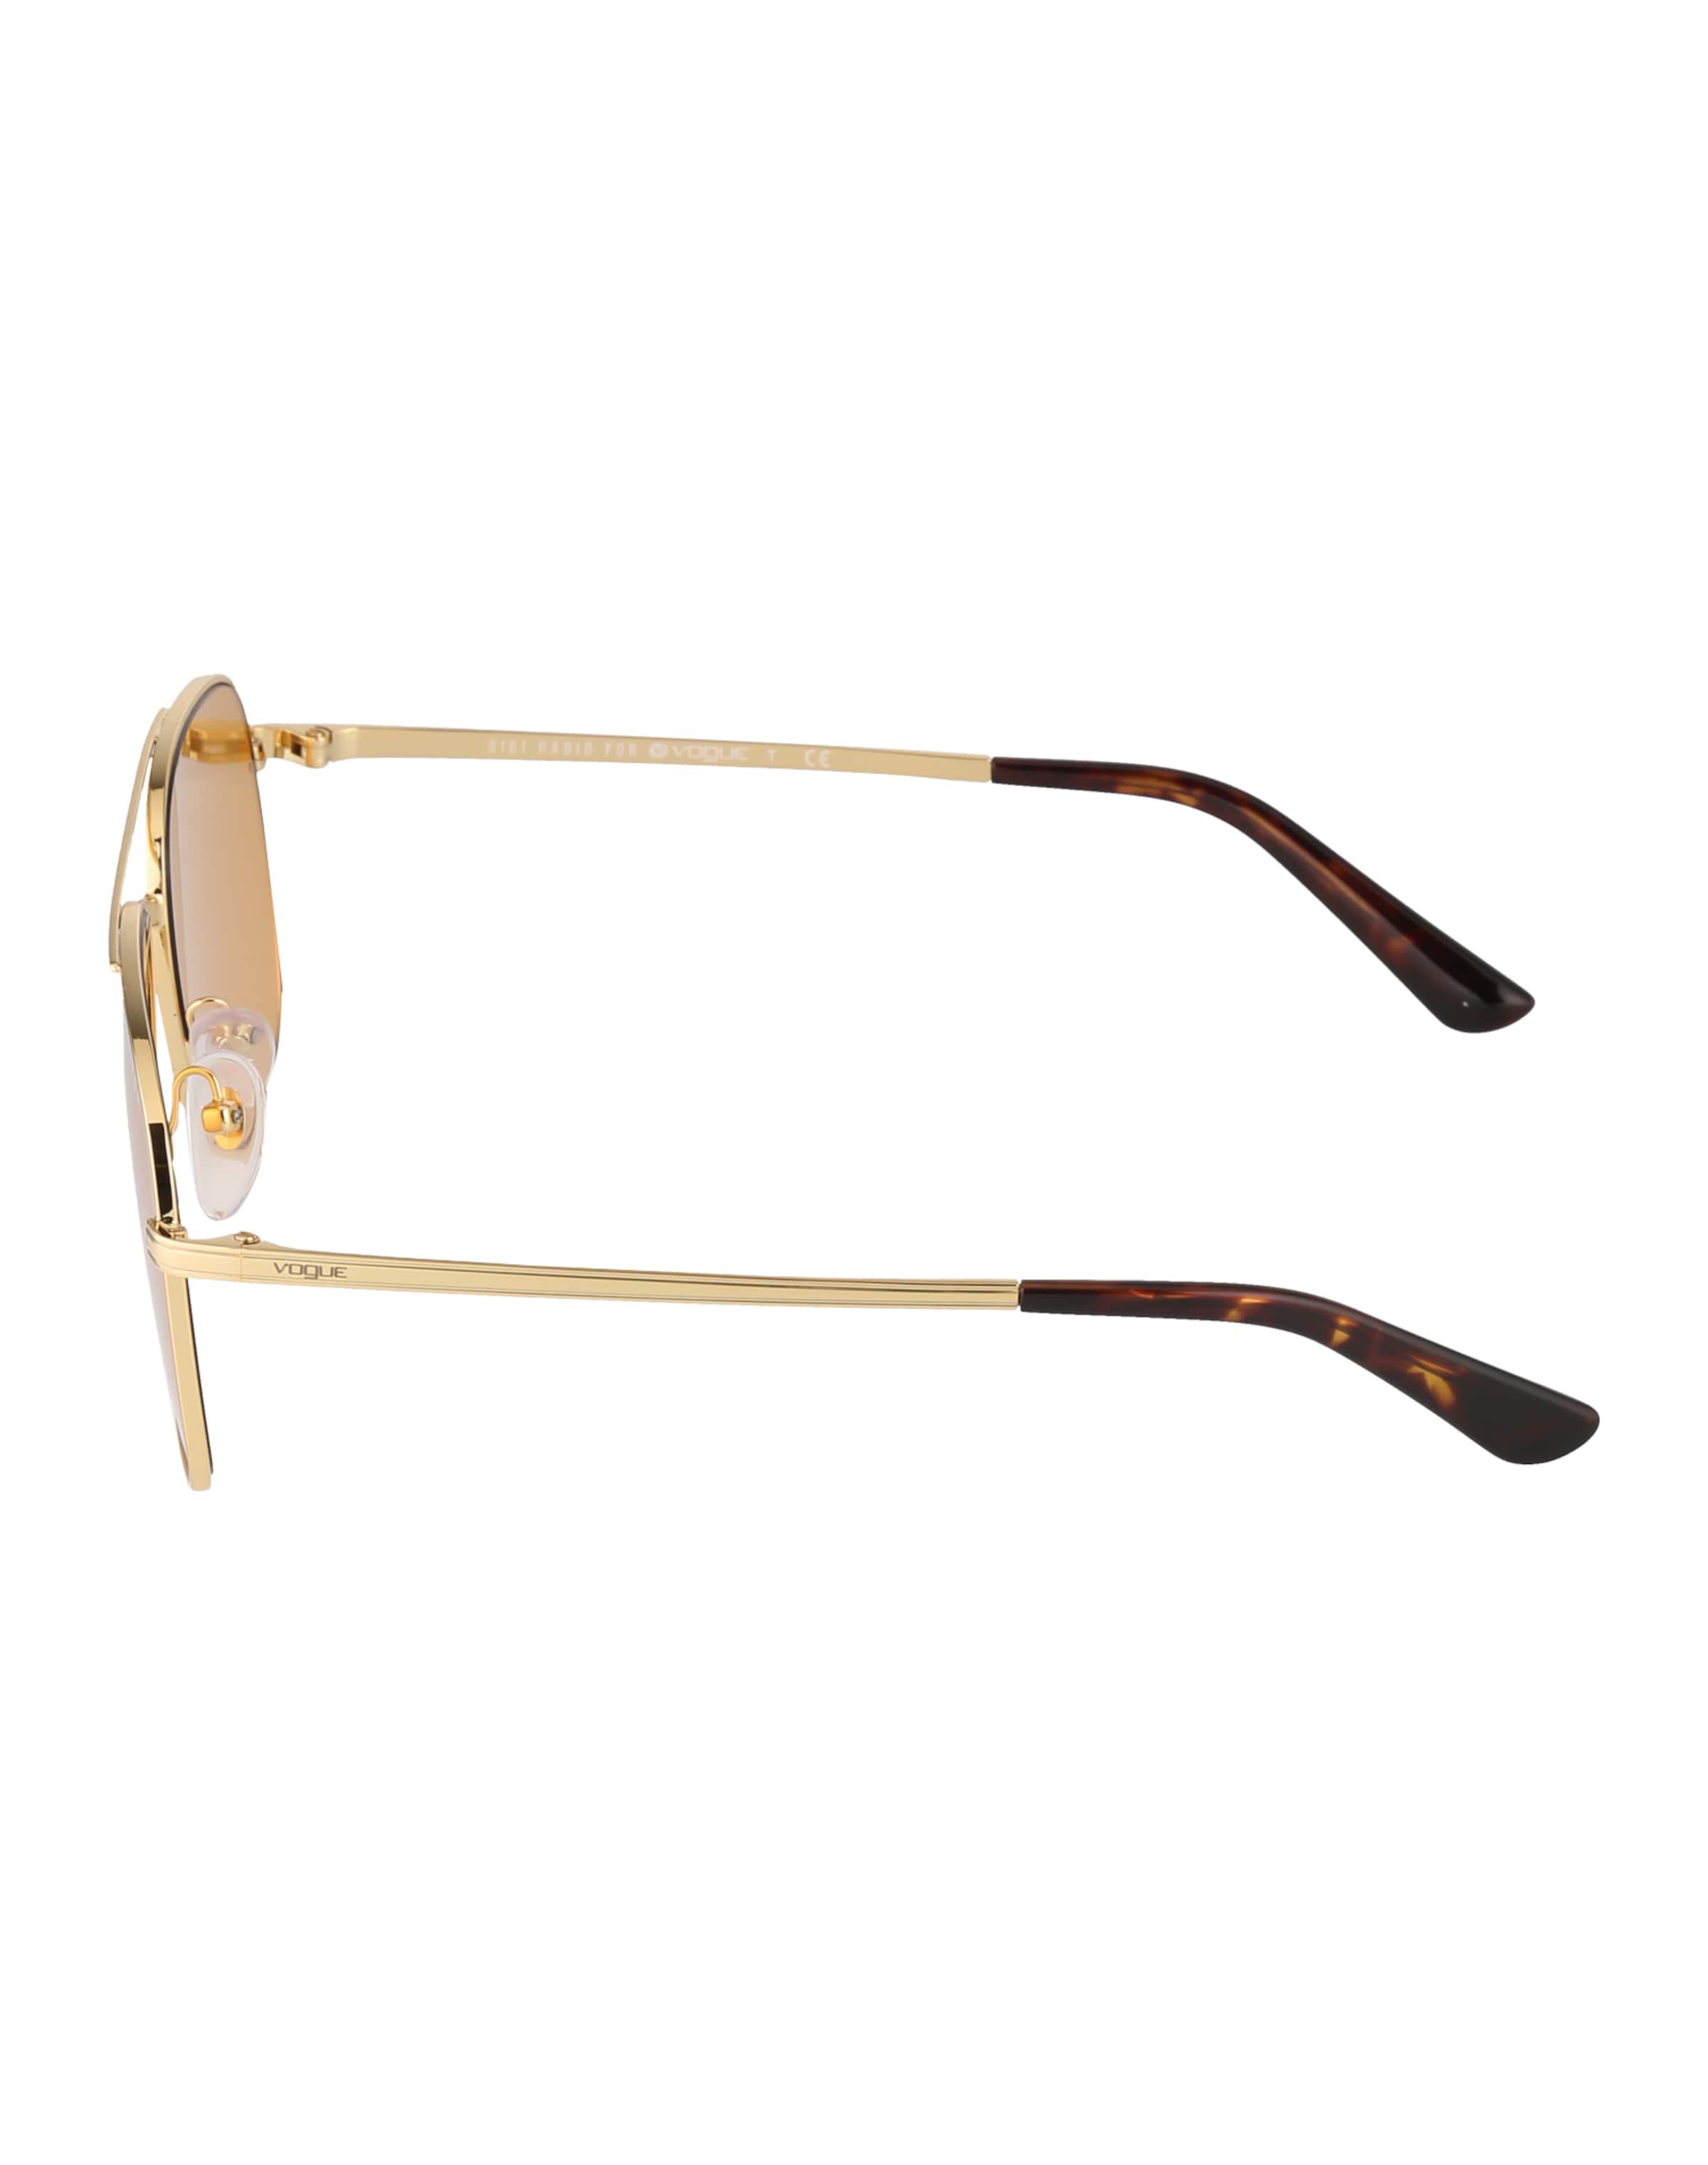 Erstaunlicher Preis Günstig Online VOGUE Eyewear Sonnenbrille im Piloten-Design 100% Authentisch Sss6tr